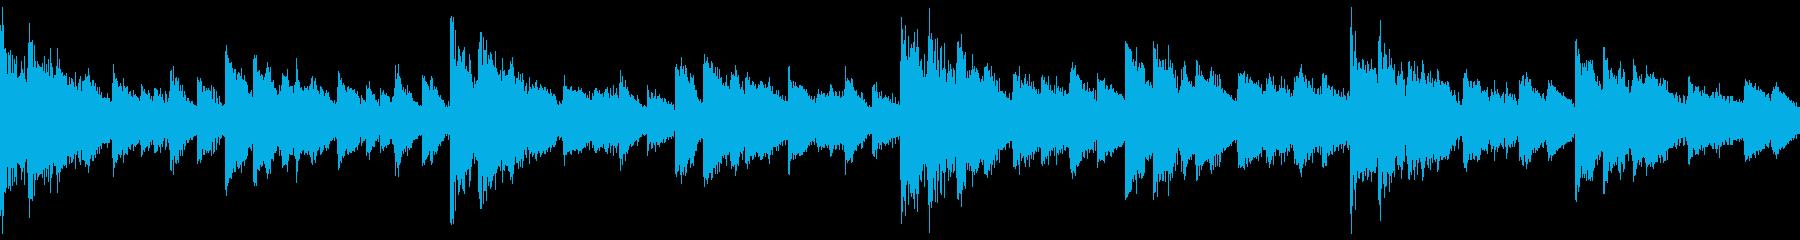 【ループ再生】幻想的・癒しのあるBGMの再生済みの波形